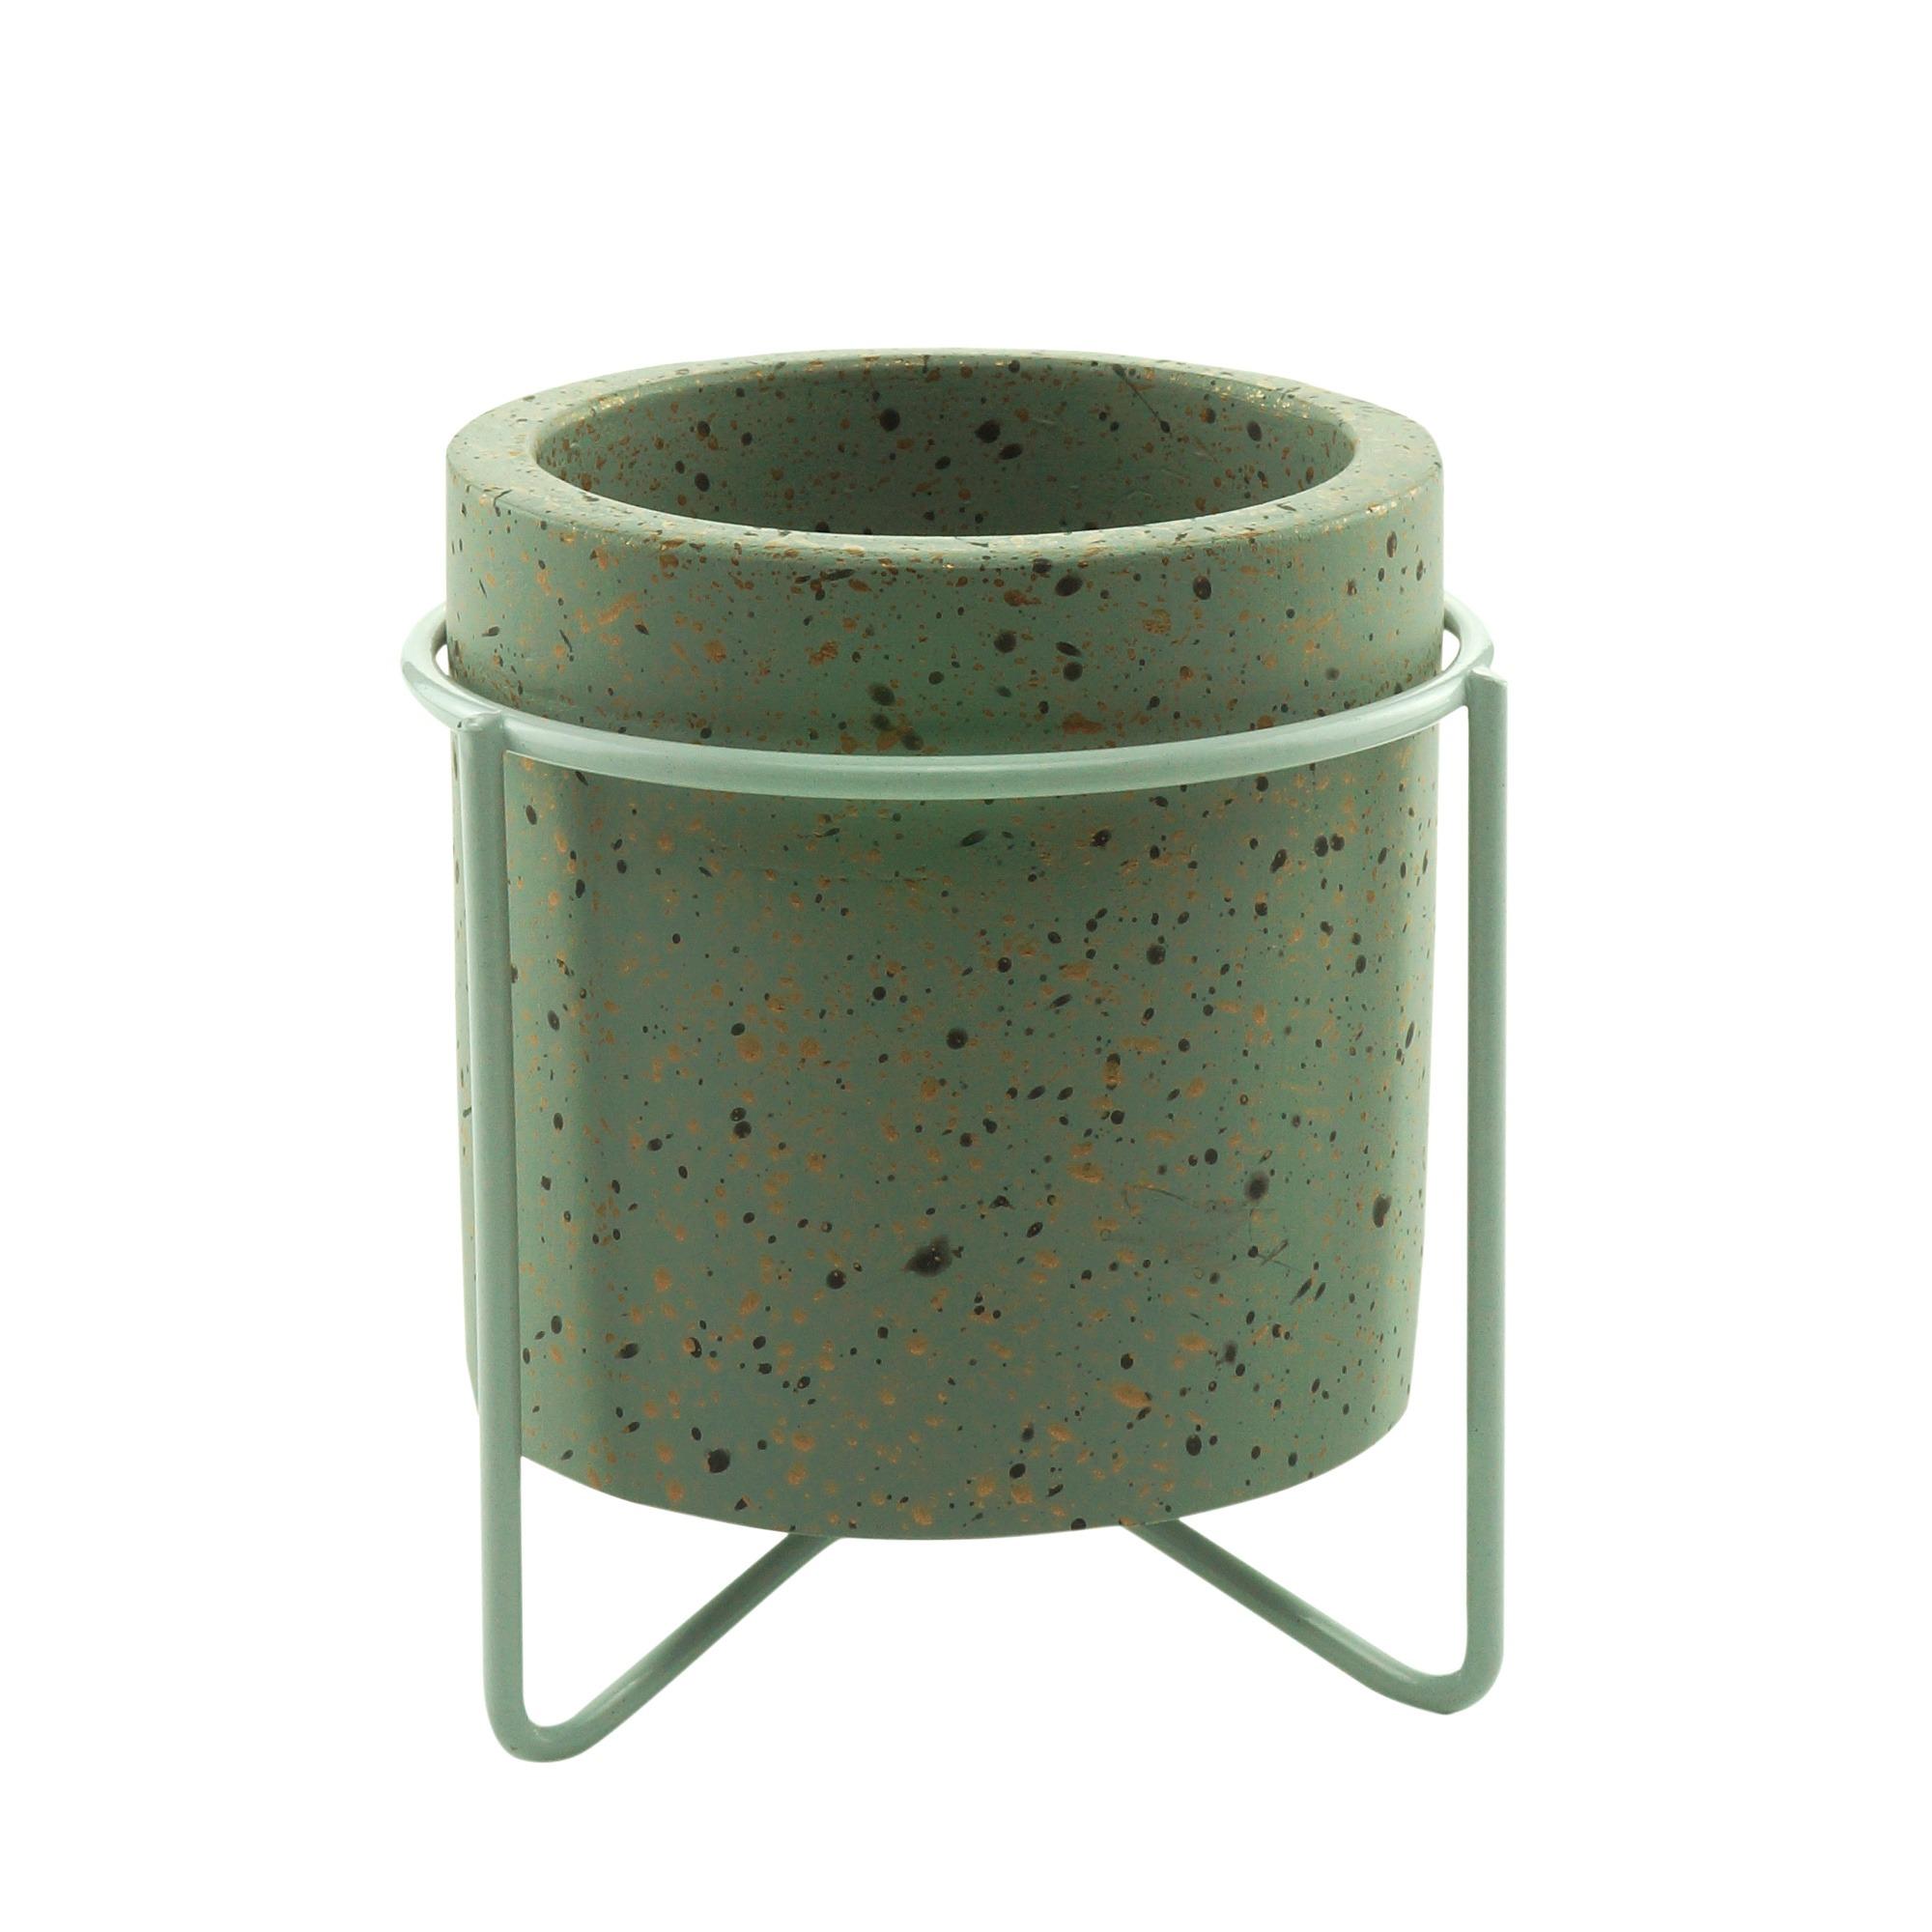 Cachepot Concreto Granilite 8x9 cm Cinza - Urban